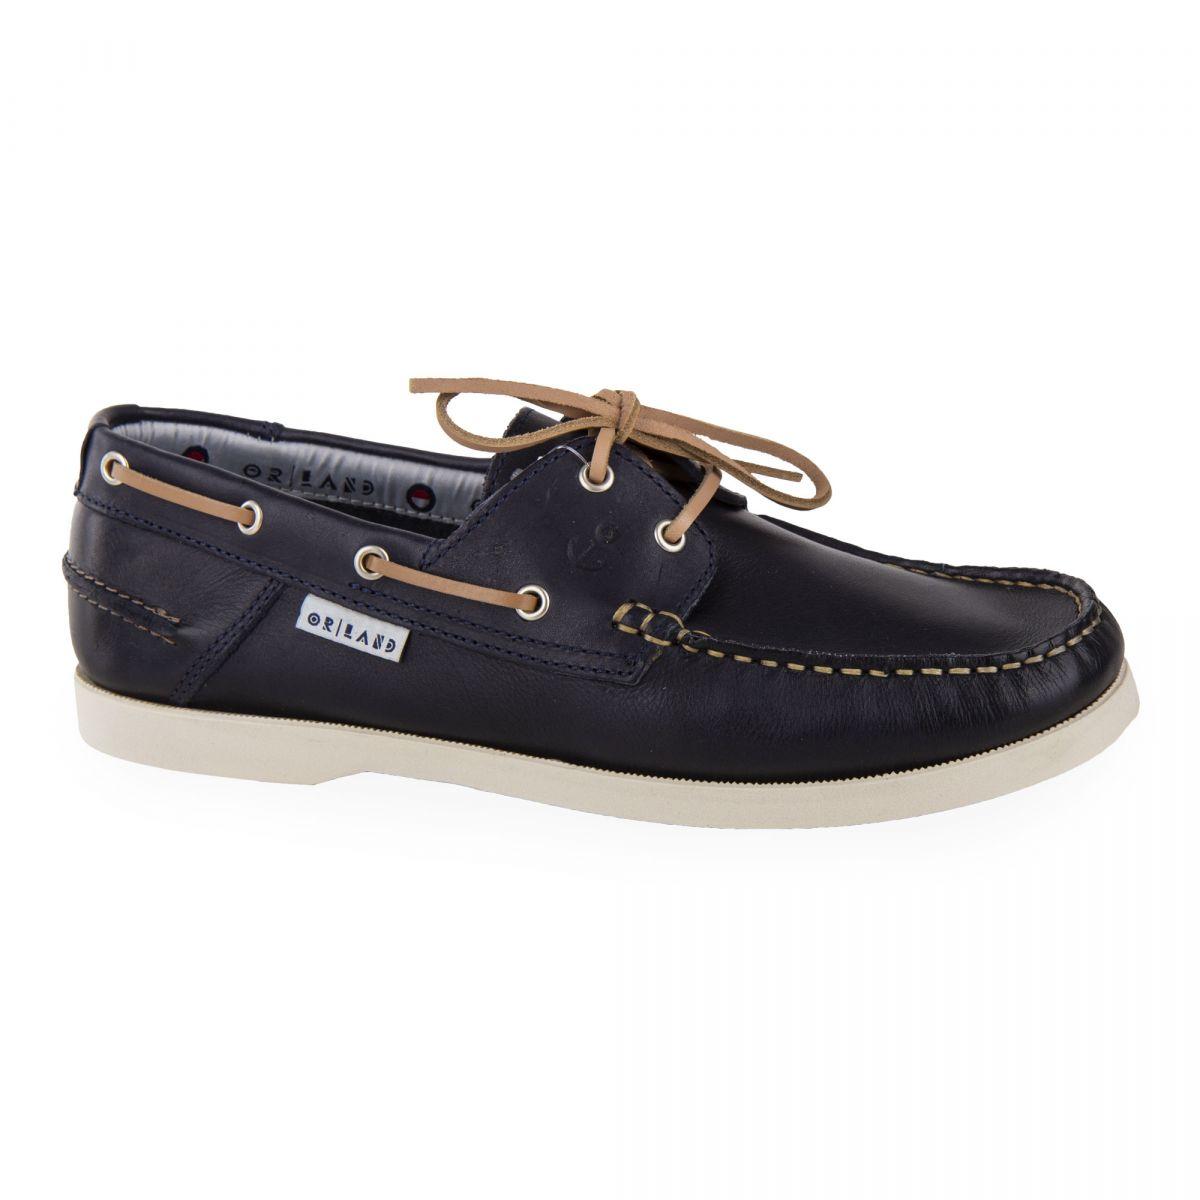 01b0c08c0adbaa ... Chaussures bateau tout cuir homme ORLANDO marque pas cher prix  dégriffés destockage ...